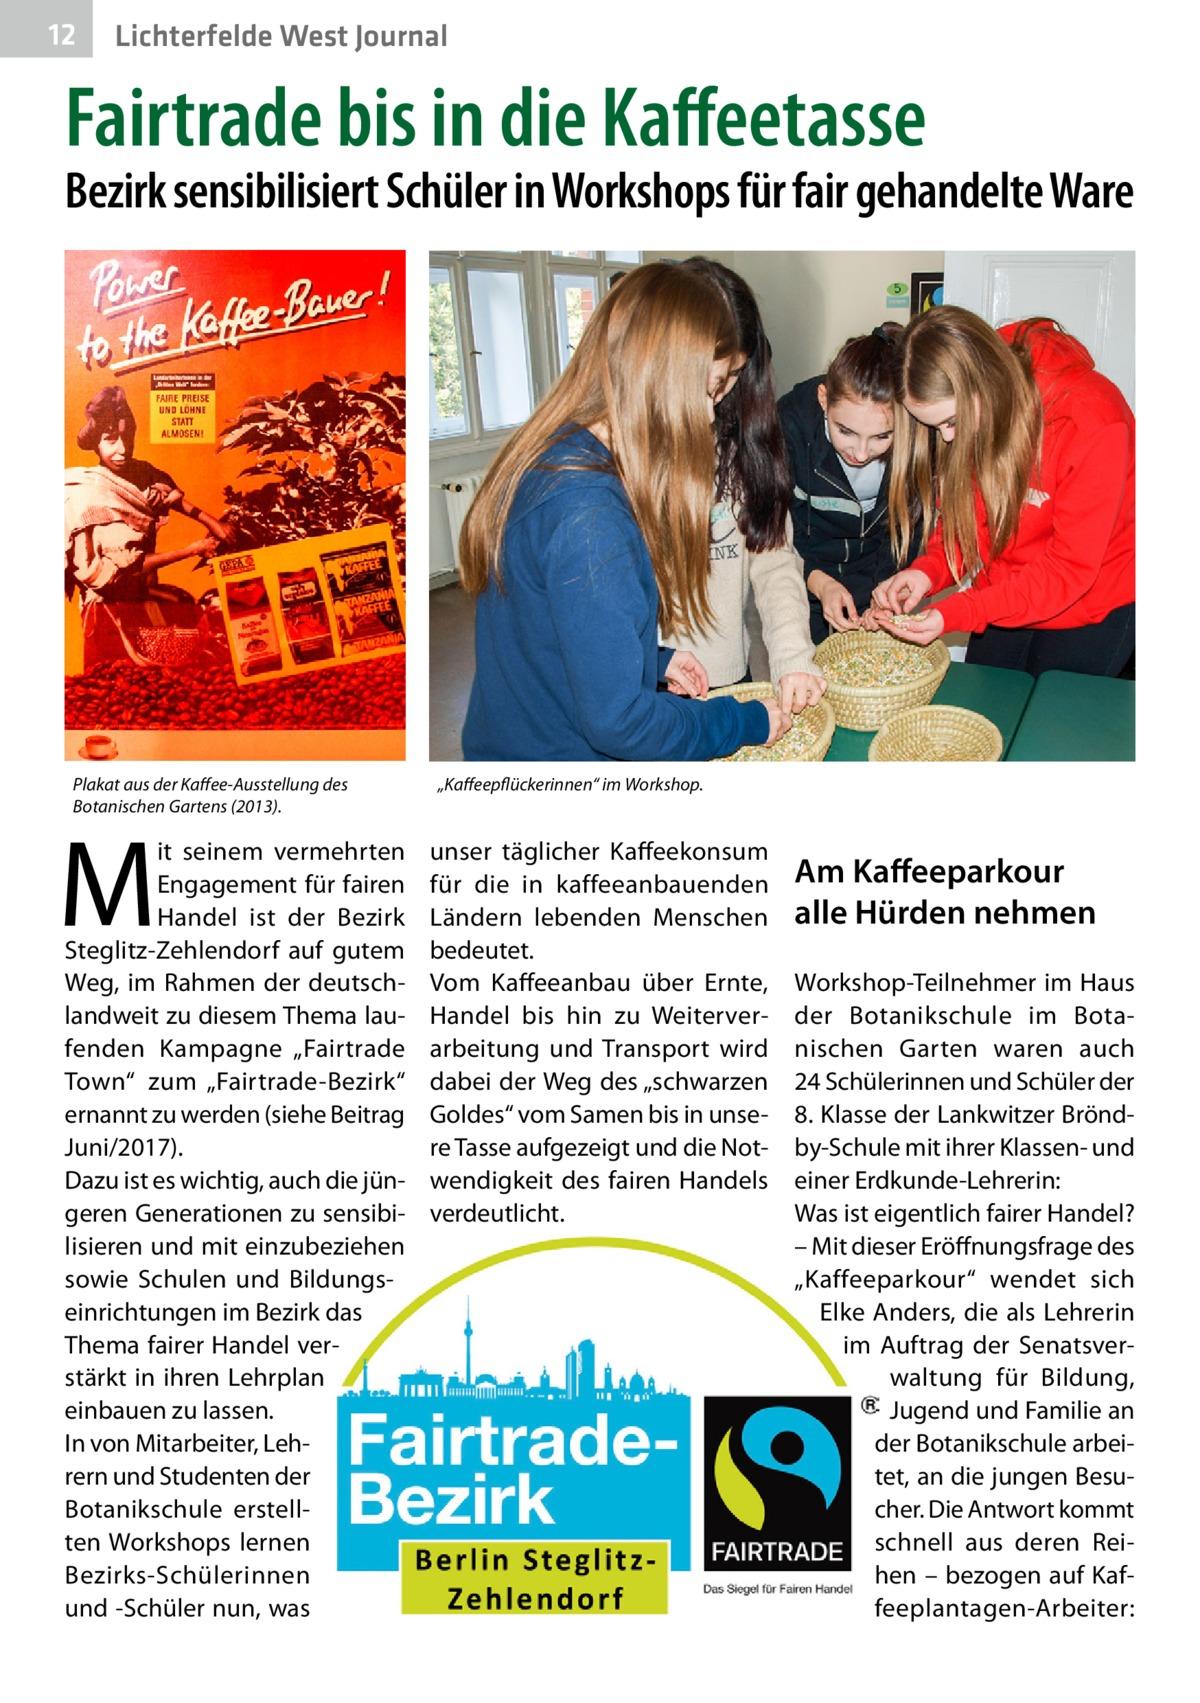 """12  Lichterfelde West Journal  Fairtrade bis in die Kaffeetasse  Bezirk sensibilisiert Schüler in Workshops für fair gehandelte Ware  Plakat aus der Kaffee-Ausstellung des Botanischen Gartens (2013).  M  it seinem vermehrten Engagement für fairen Handel ist der Bezirk Steglitz-Zehlendorf auf gutem Weg, im Rahmen der deutschlandweit zu diesem Thema laufenden Kampagne """"Fairtrade Town"""" zum """"Fairtrade-Bezirk"""" ernannt zu werden (siehe Beitrag Juni/2017). Dazu ist es wichtig, auch die jüngeren Generationen zu sensibilisieren und mit einzubeziehen sowie Schulen und Bildungseinrichtungen im Bezirk das Thema fairer Handel verstärkt in ihren Lehrplan einbauen zu lassen. In von Mitarbeiter, Lehrern und Studenten der Botanikschule erstellten Workshops lernen Bezirks-Schülerinnen und -Schüler nun, was  """"Kaffeepflückerinnen"""" im Workshop.  unser täglicher Kaffeekonsum für die in kaffeeanbauenden Ländern lebenden Menschen bedeutet. Vom Kaffeeanbau über Ernte, Handel bis hin zu Weiterverarbeitung und Transport wird dabei der Weg des """"schwarzen Goldes"""" vom Samen bis in unsere Tasse aufgezeigt und die Notwendigkeit des fairen Handels verdeutlicht.  Am Kaffeeparkour alle Hürden nehmen Workshop-Teilnehmer im Haus der Botanikschule im Botanischen Garten waren auch 24Schülerinnen und Schüler der 8.Klasse der Lankwitzer Bröndby-Schule mit ihrer Klassen- und einer Erdkunde-Lehrerin: Was ist eigentlich fairer Handel? – Mit dieser Eröffnungsfrage des """"Kaffeeparkour"""" wendet sich Elke Anders, die als Lehrerin im Auftrag der Senatsverwaltung für Bildung, Jugend und Familie an der Botanikschule arbeitet, an die jungen Besucher. Die Antwort kommt schnell aus deren Reihen – bezogen auf Kaffeeplantagen-Arbeiter:"""